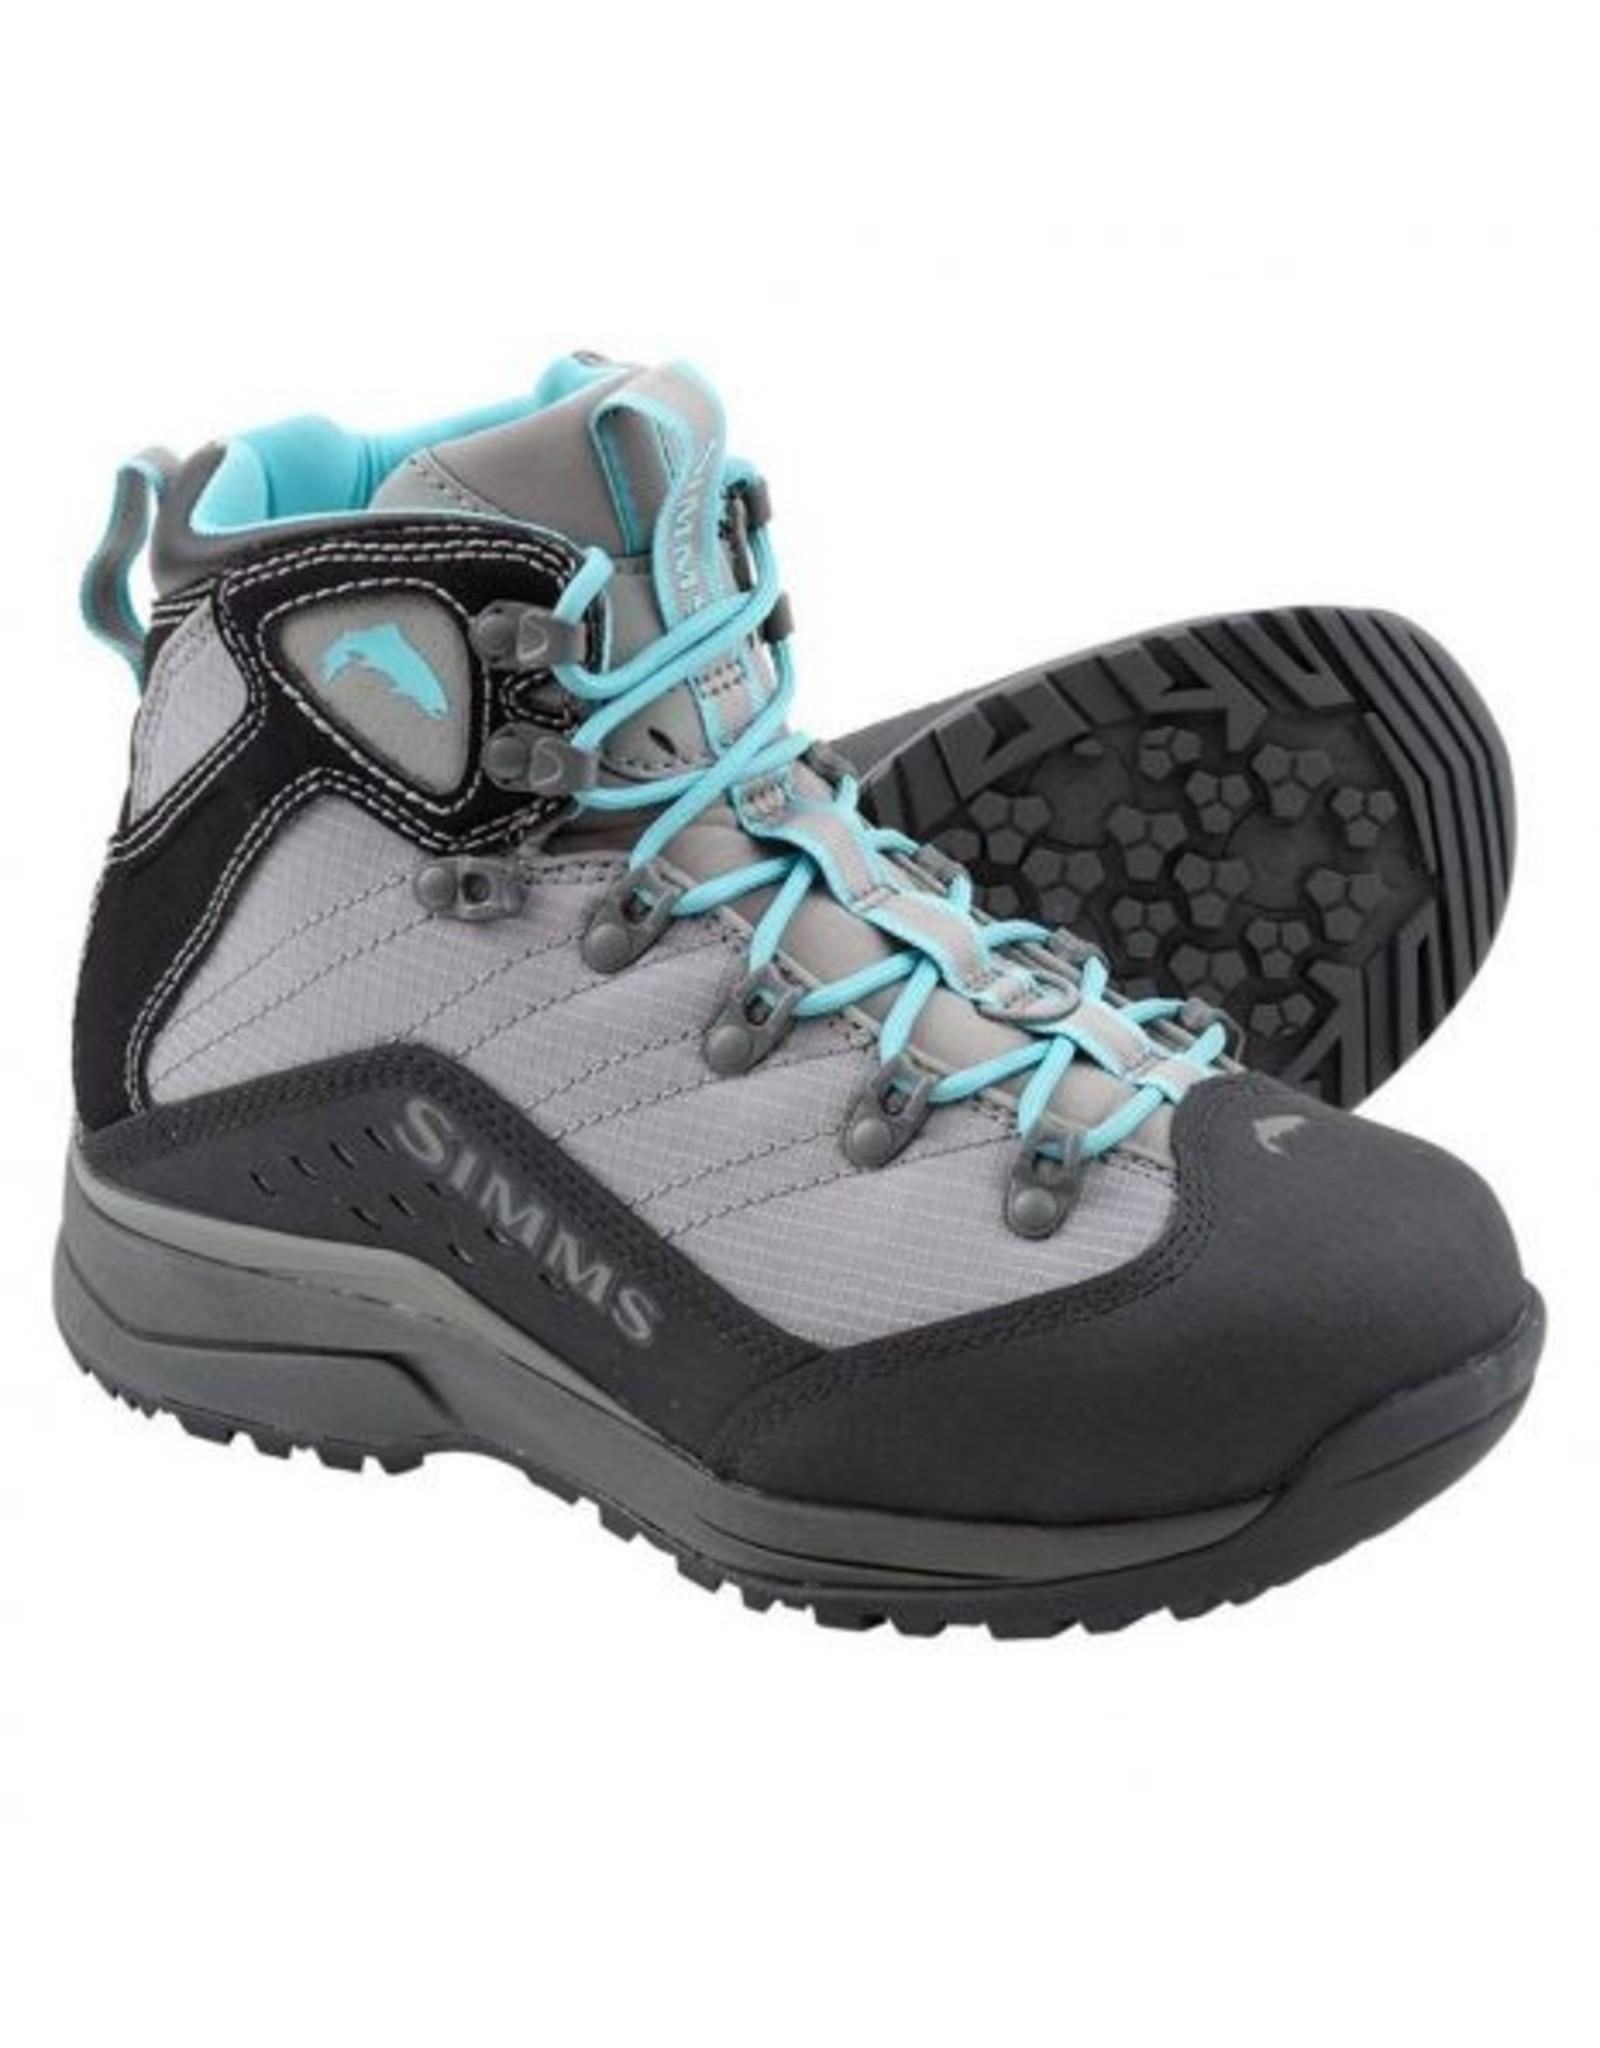 Simms Simms - Women's VaporTread Wading Boots - Vibram